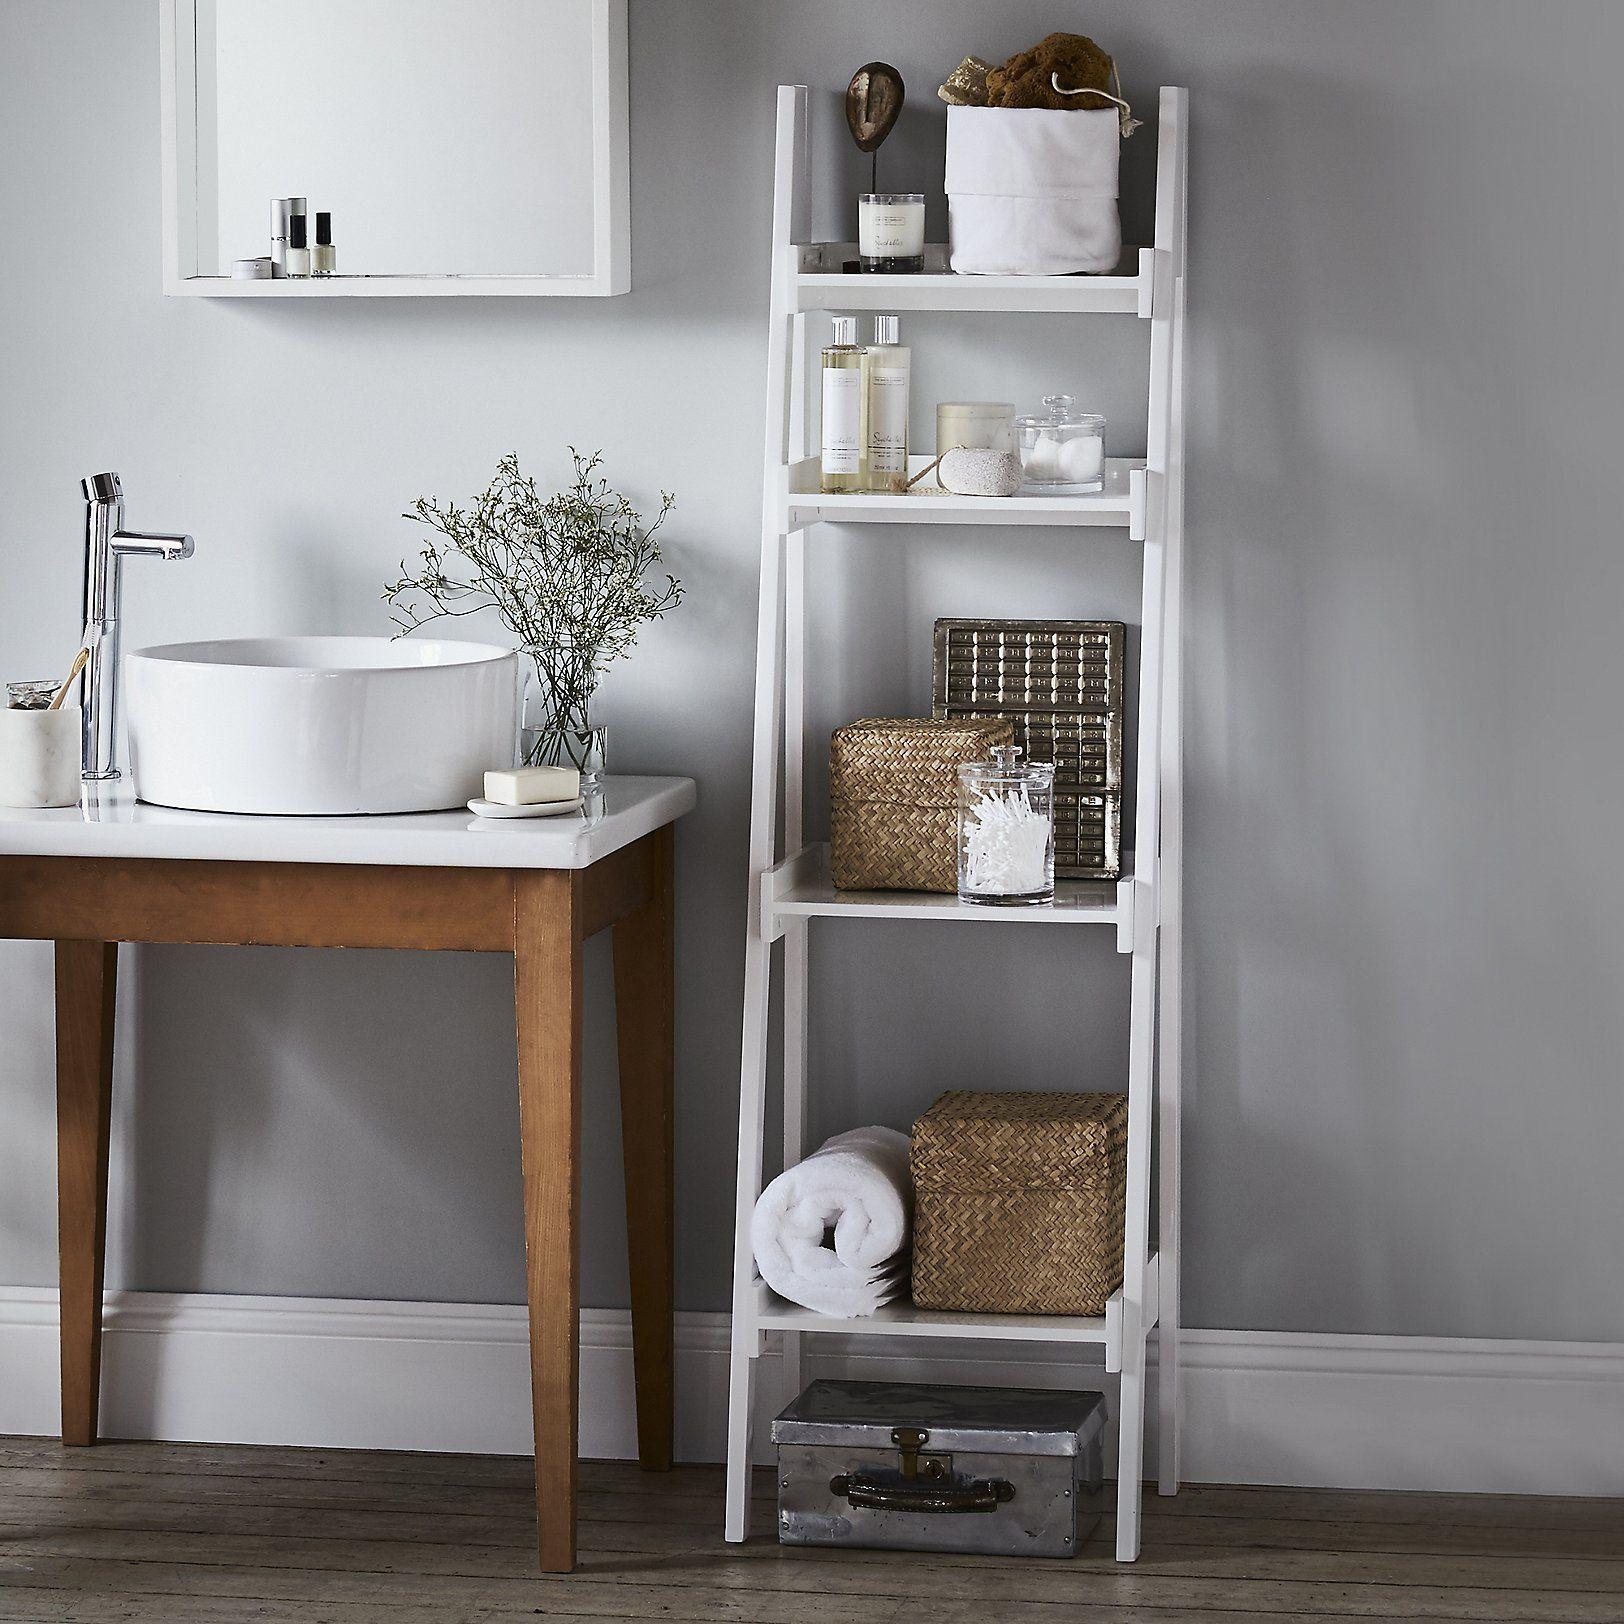 Bathroom Ladder Shelf   Bathroom Furniture   Furniture   Home   The White  Company UK